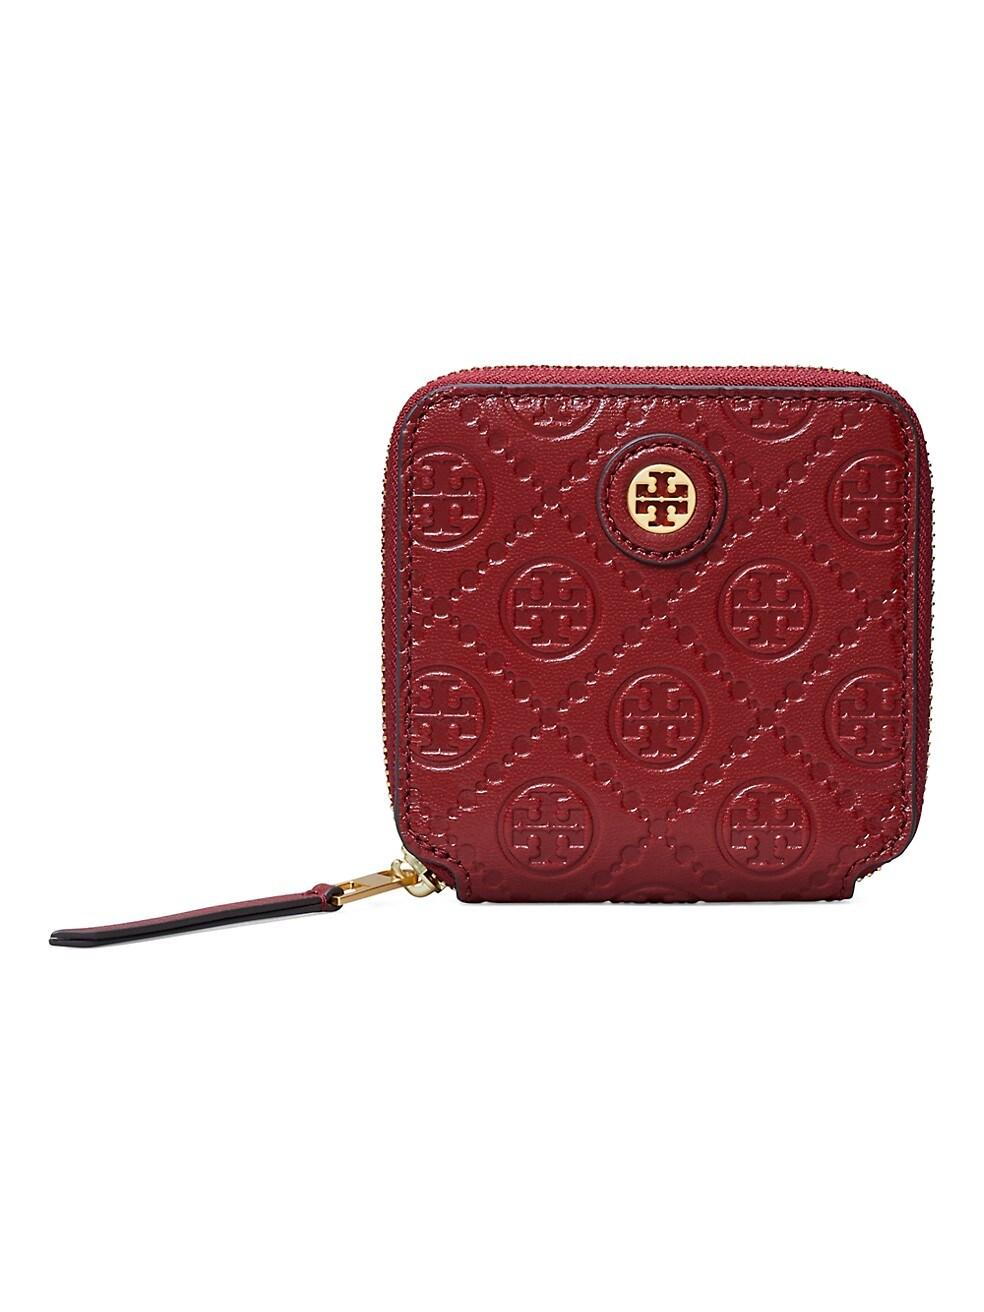 토리버치 지갑 Tory Burch Leather Bi-Fold Wallet,JUNEBERRY